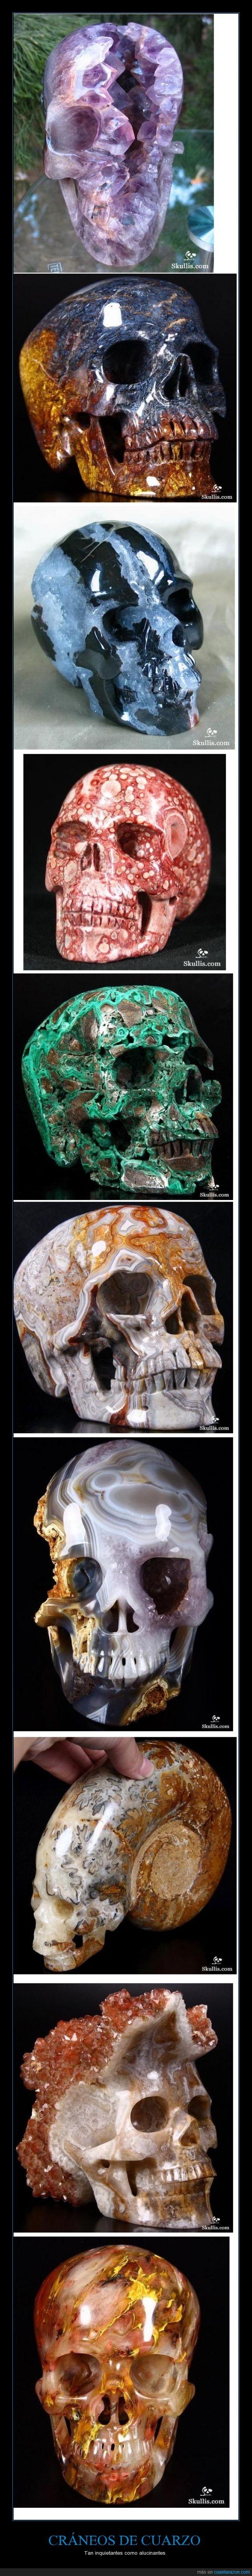 Calacas,Calaveras,Craneos,crystal,cuarzo,gems,piedra,skulls